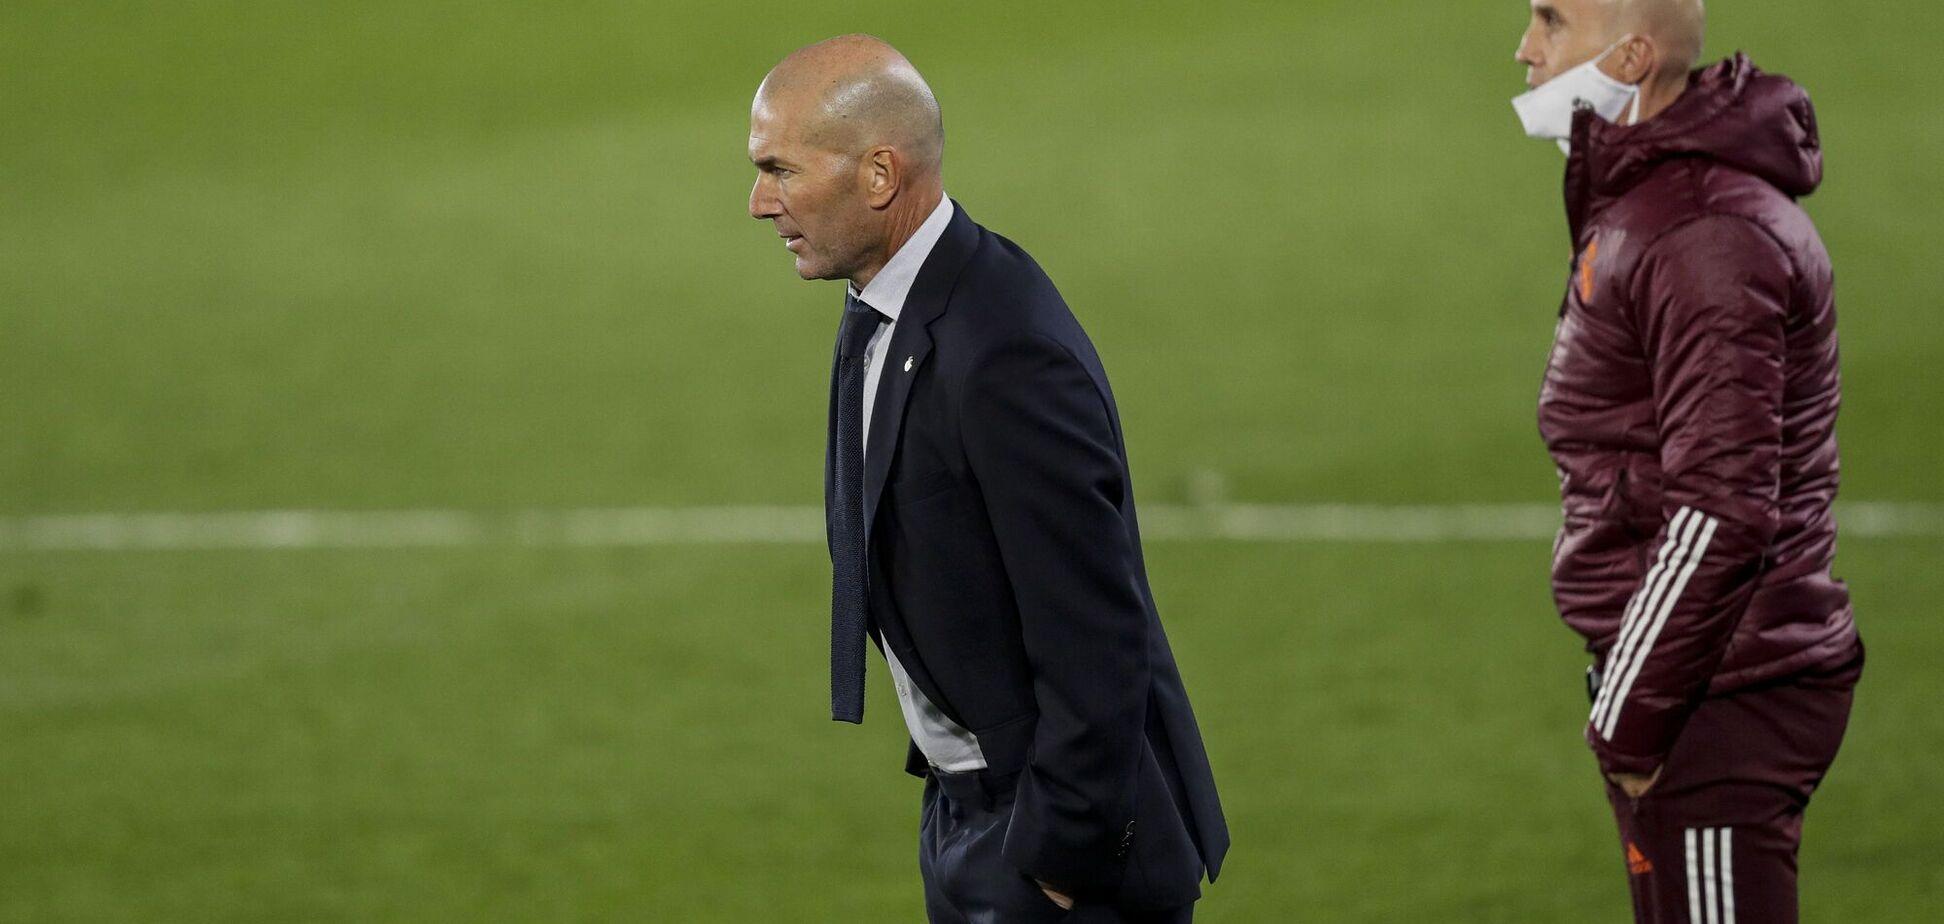 Після провалу від 'Шахтаря' 'Реал' може звільнити Зідана: в ЗМІ назвали кандидатів